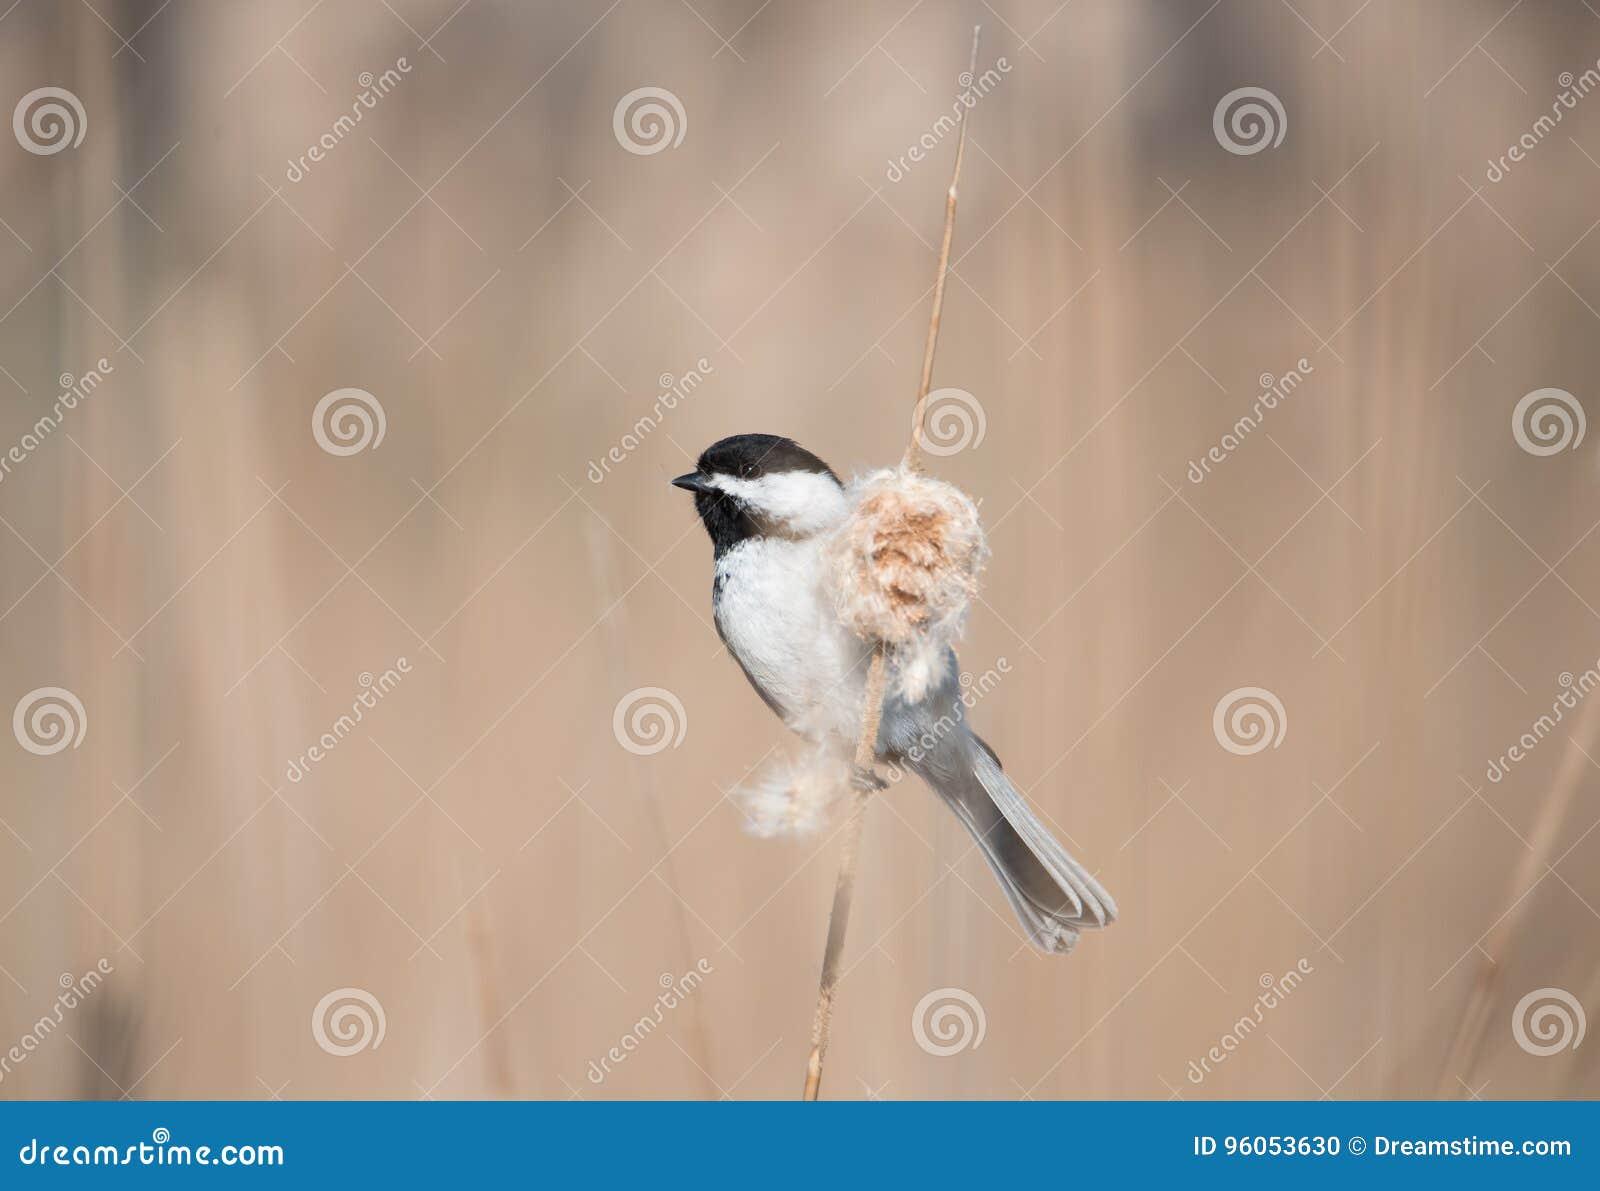 Chickadee recouvert par noir